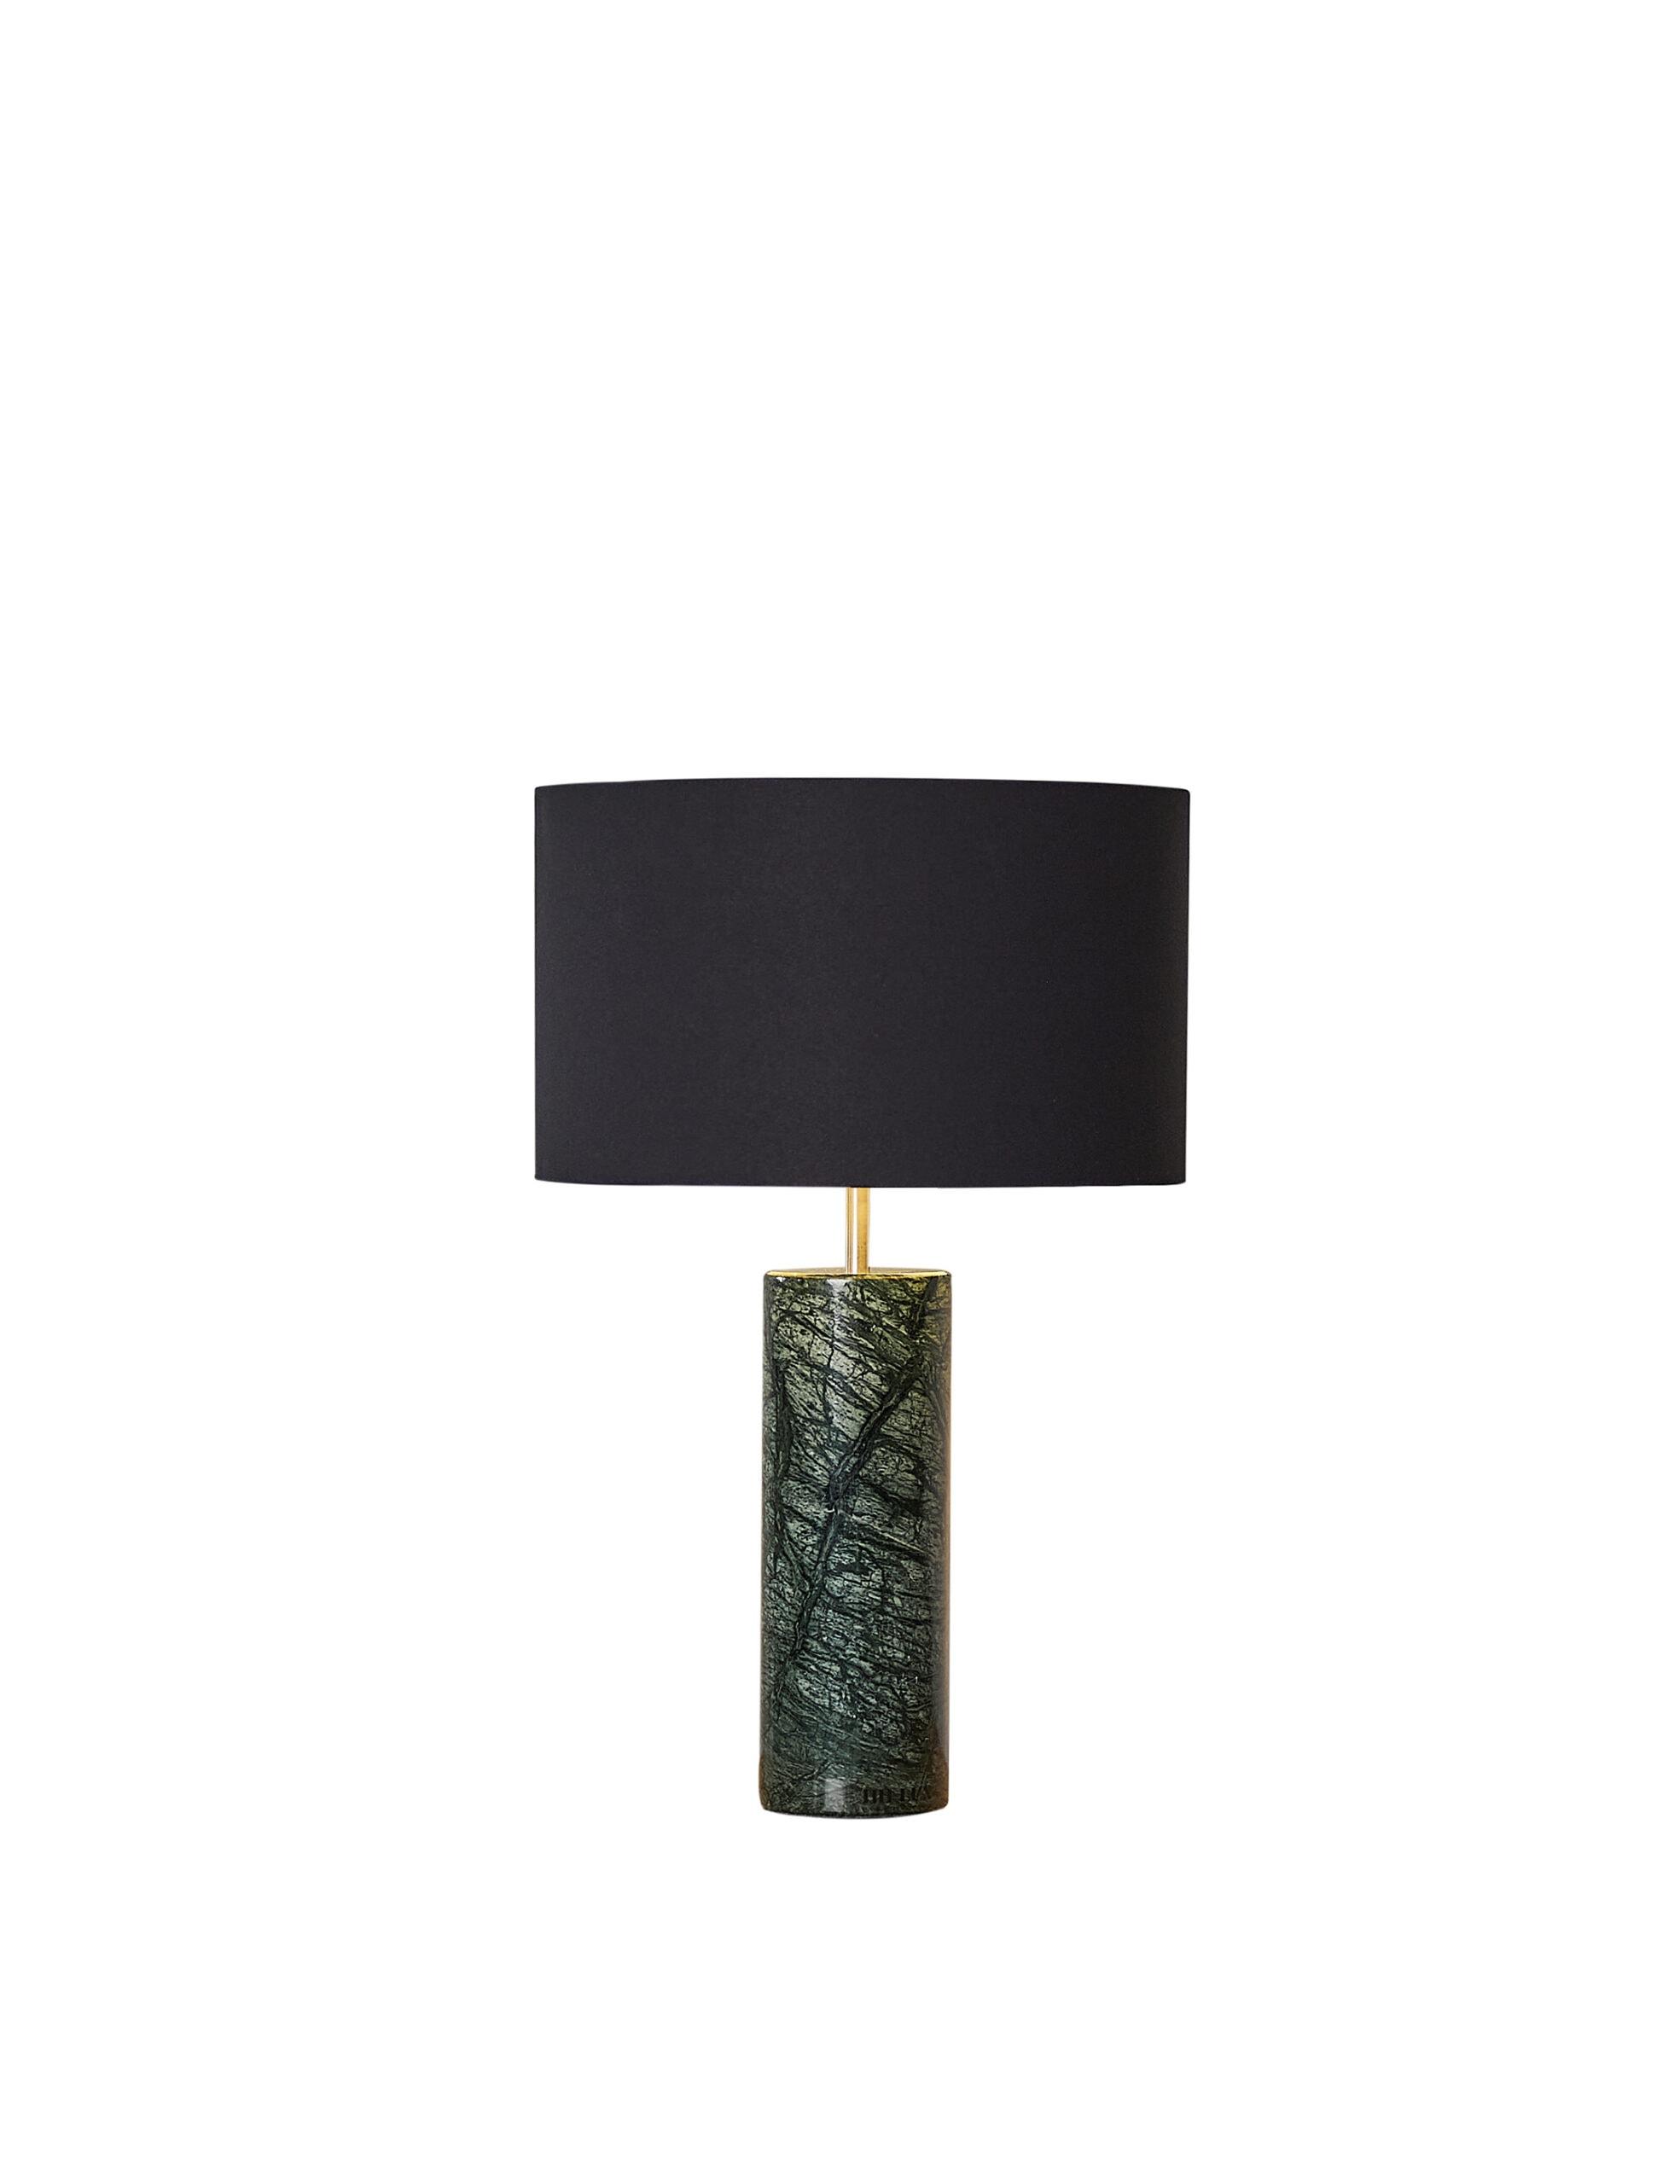 HH LUX  Freyja (Marmor lampe Green 1219)